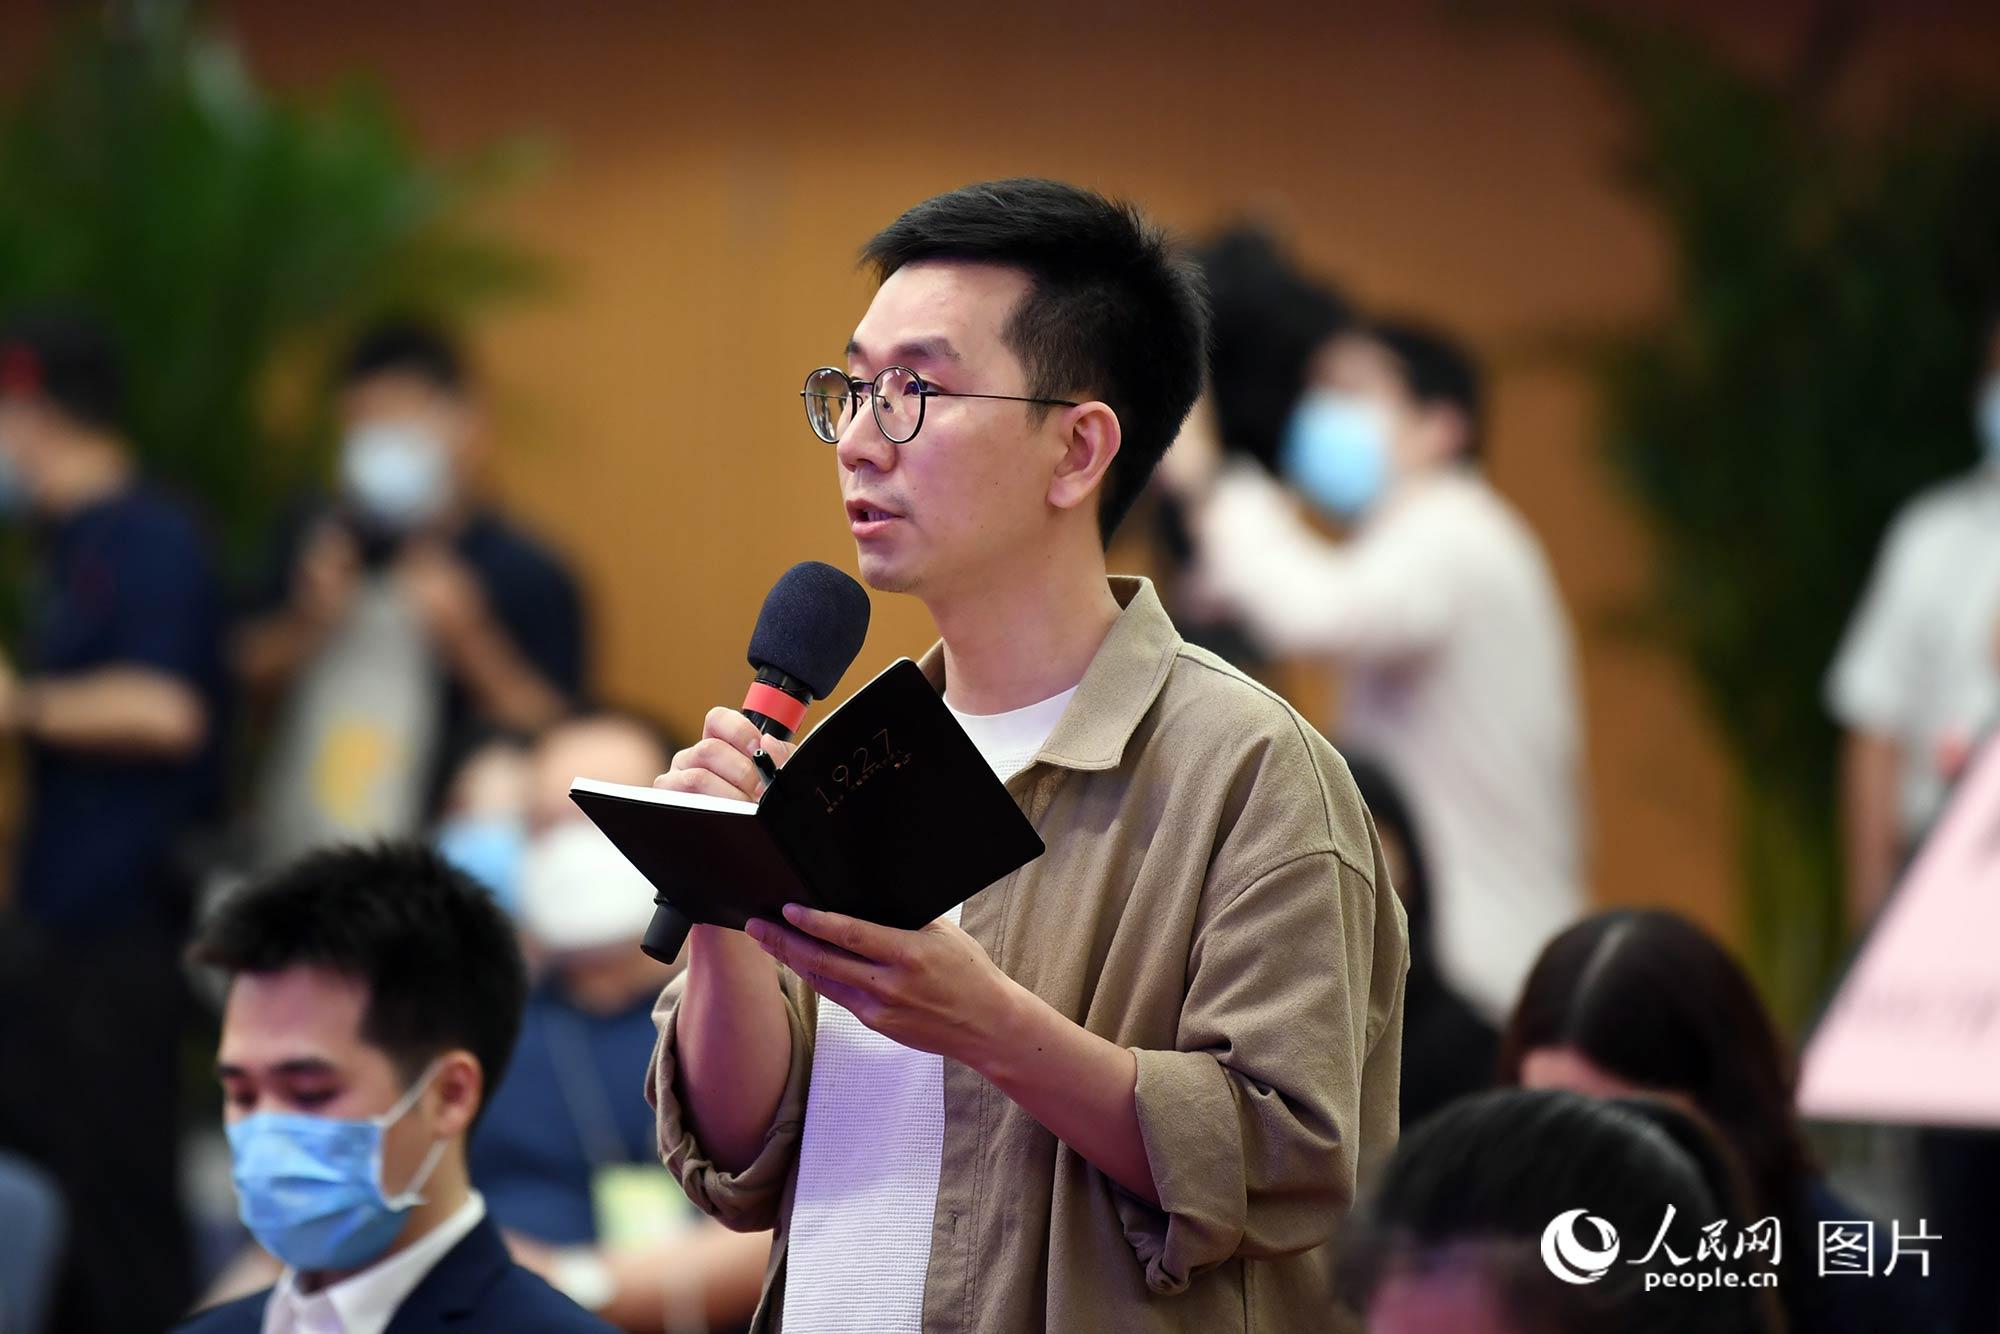 澎湃新闻记者提问。人民网记者 翁奇羽 摄